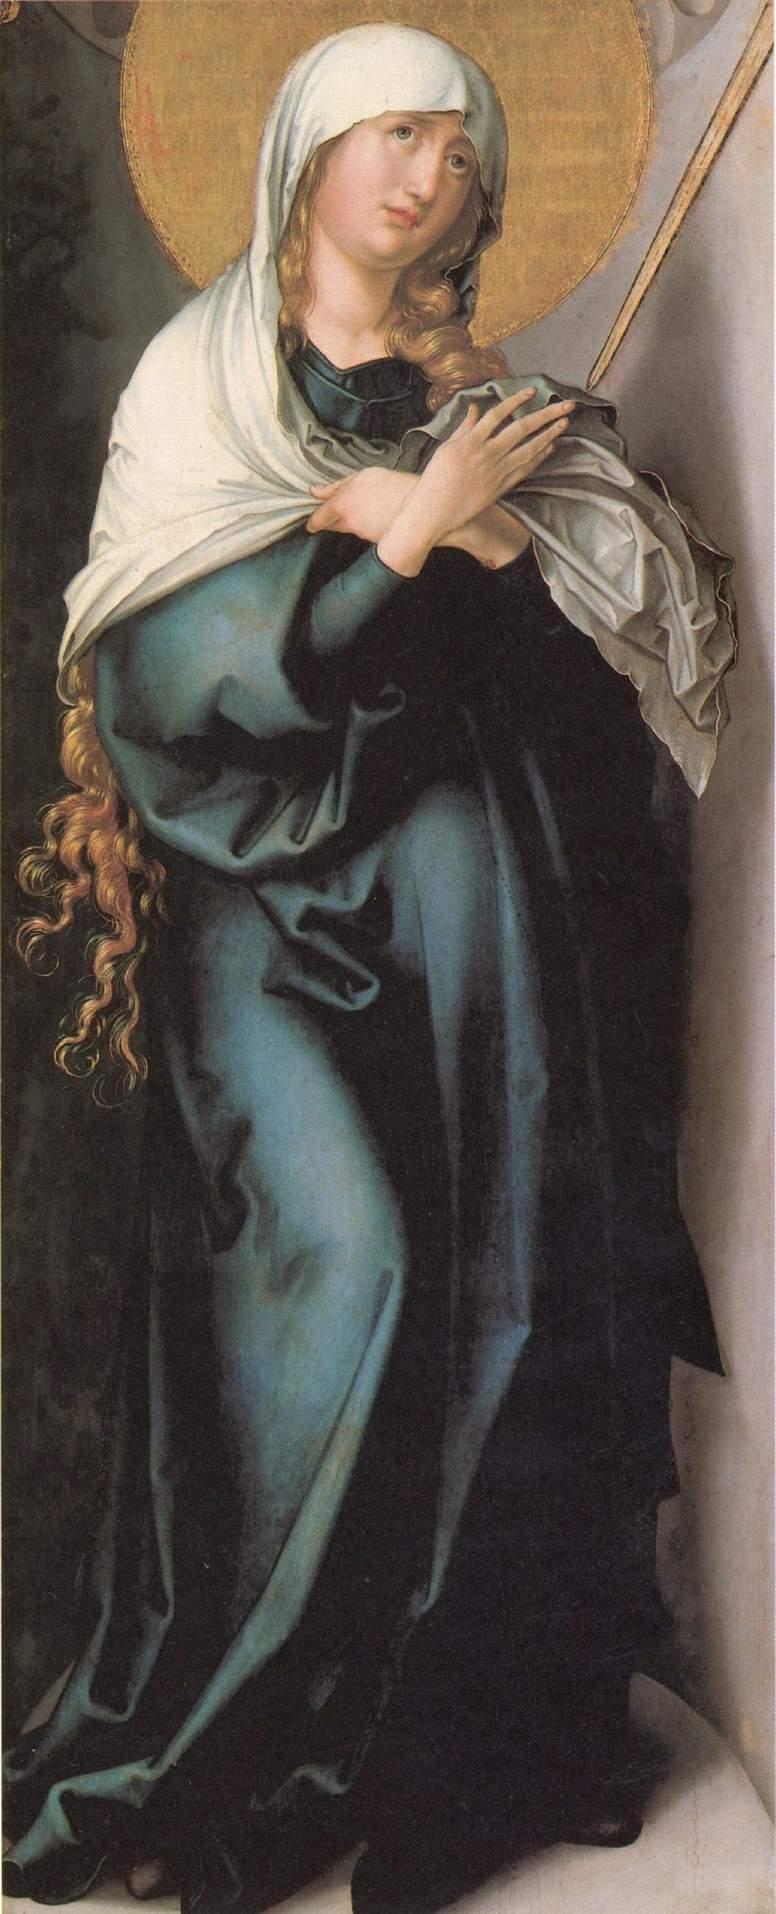 Семь скорбей Марии, центральная часть, Скорбящая мать, Альбрехт Дюрер